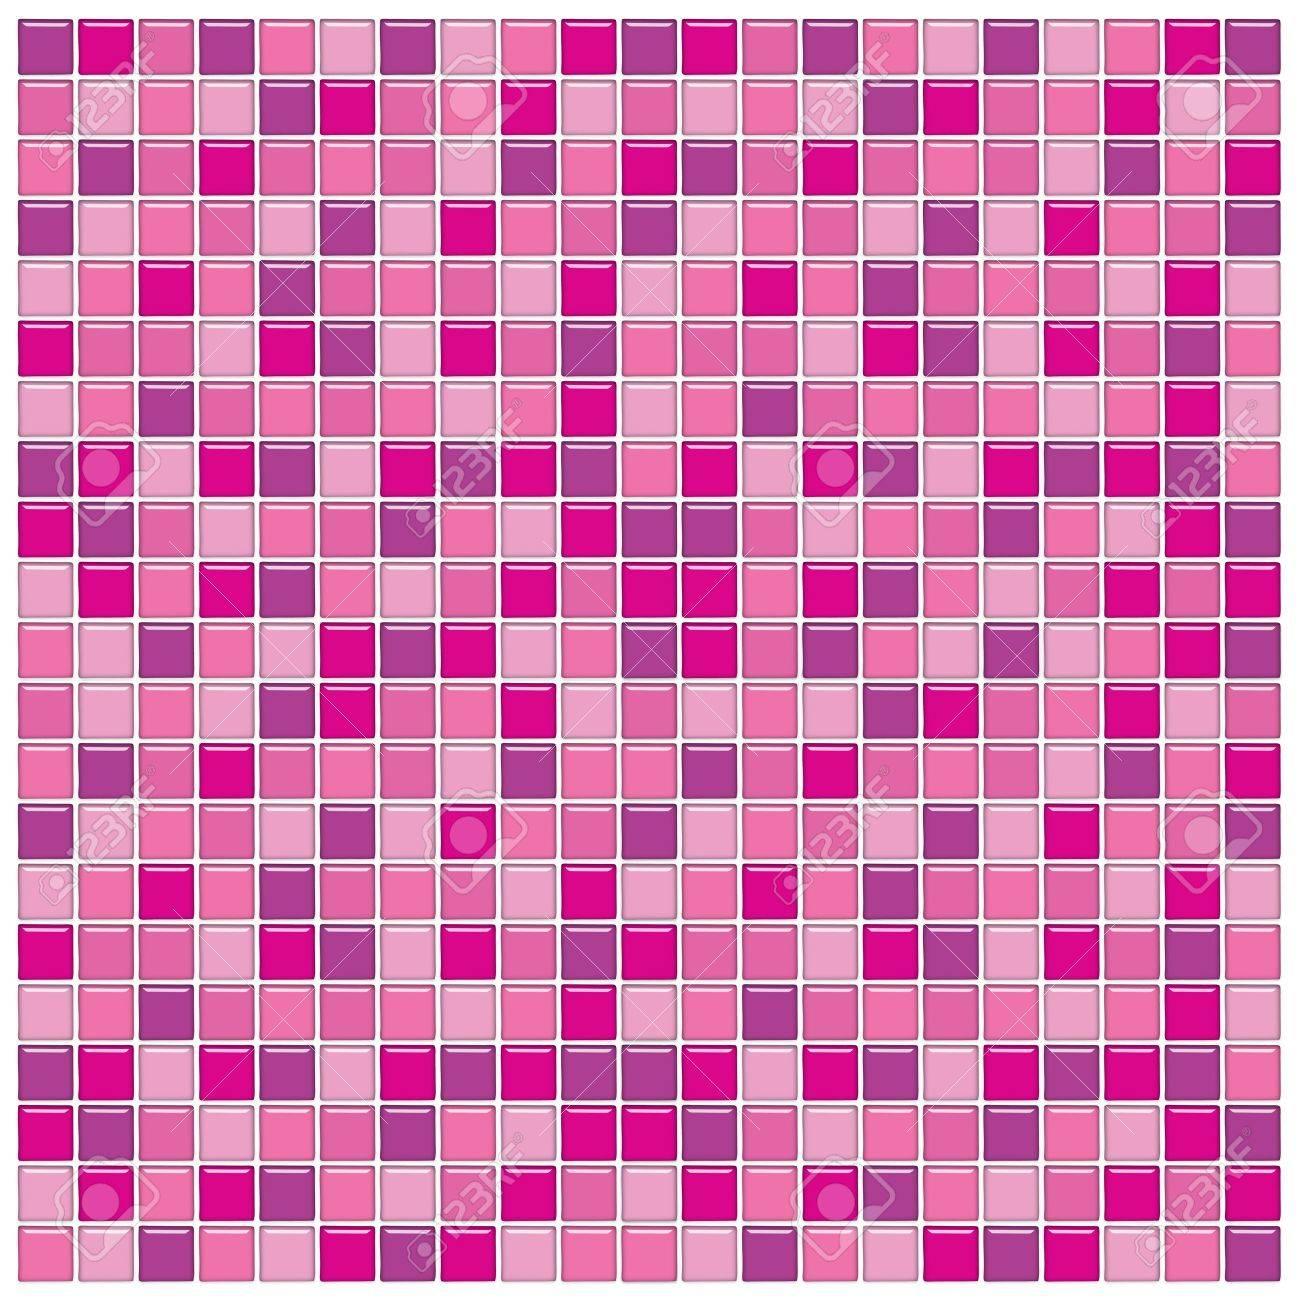 Salle De Bains Avec Mur De Carreaux Violet Et Le Rose En Mosaique De Verre Banque D Images Et Photos Libres De Droits Image 2996812